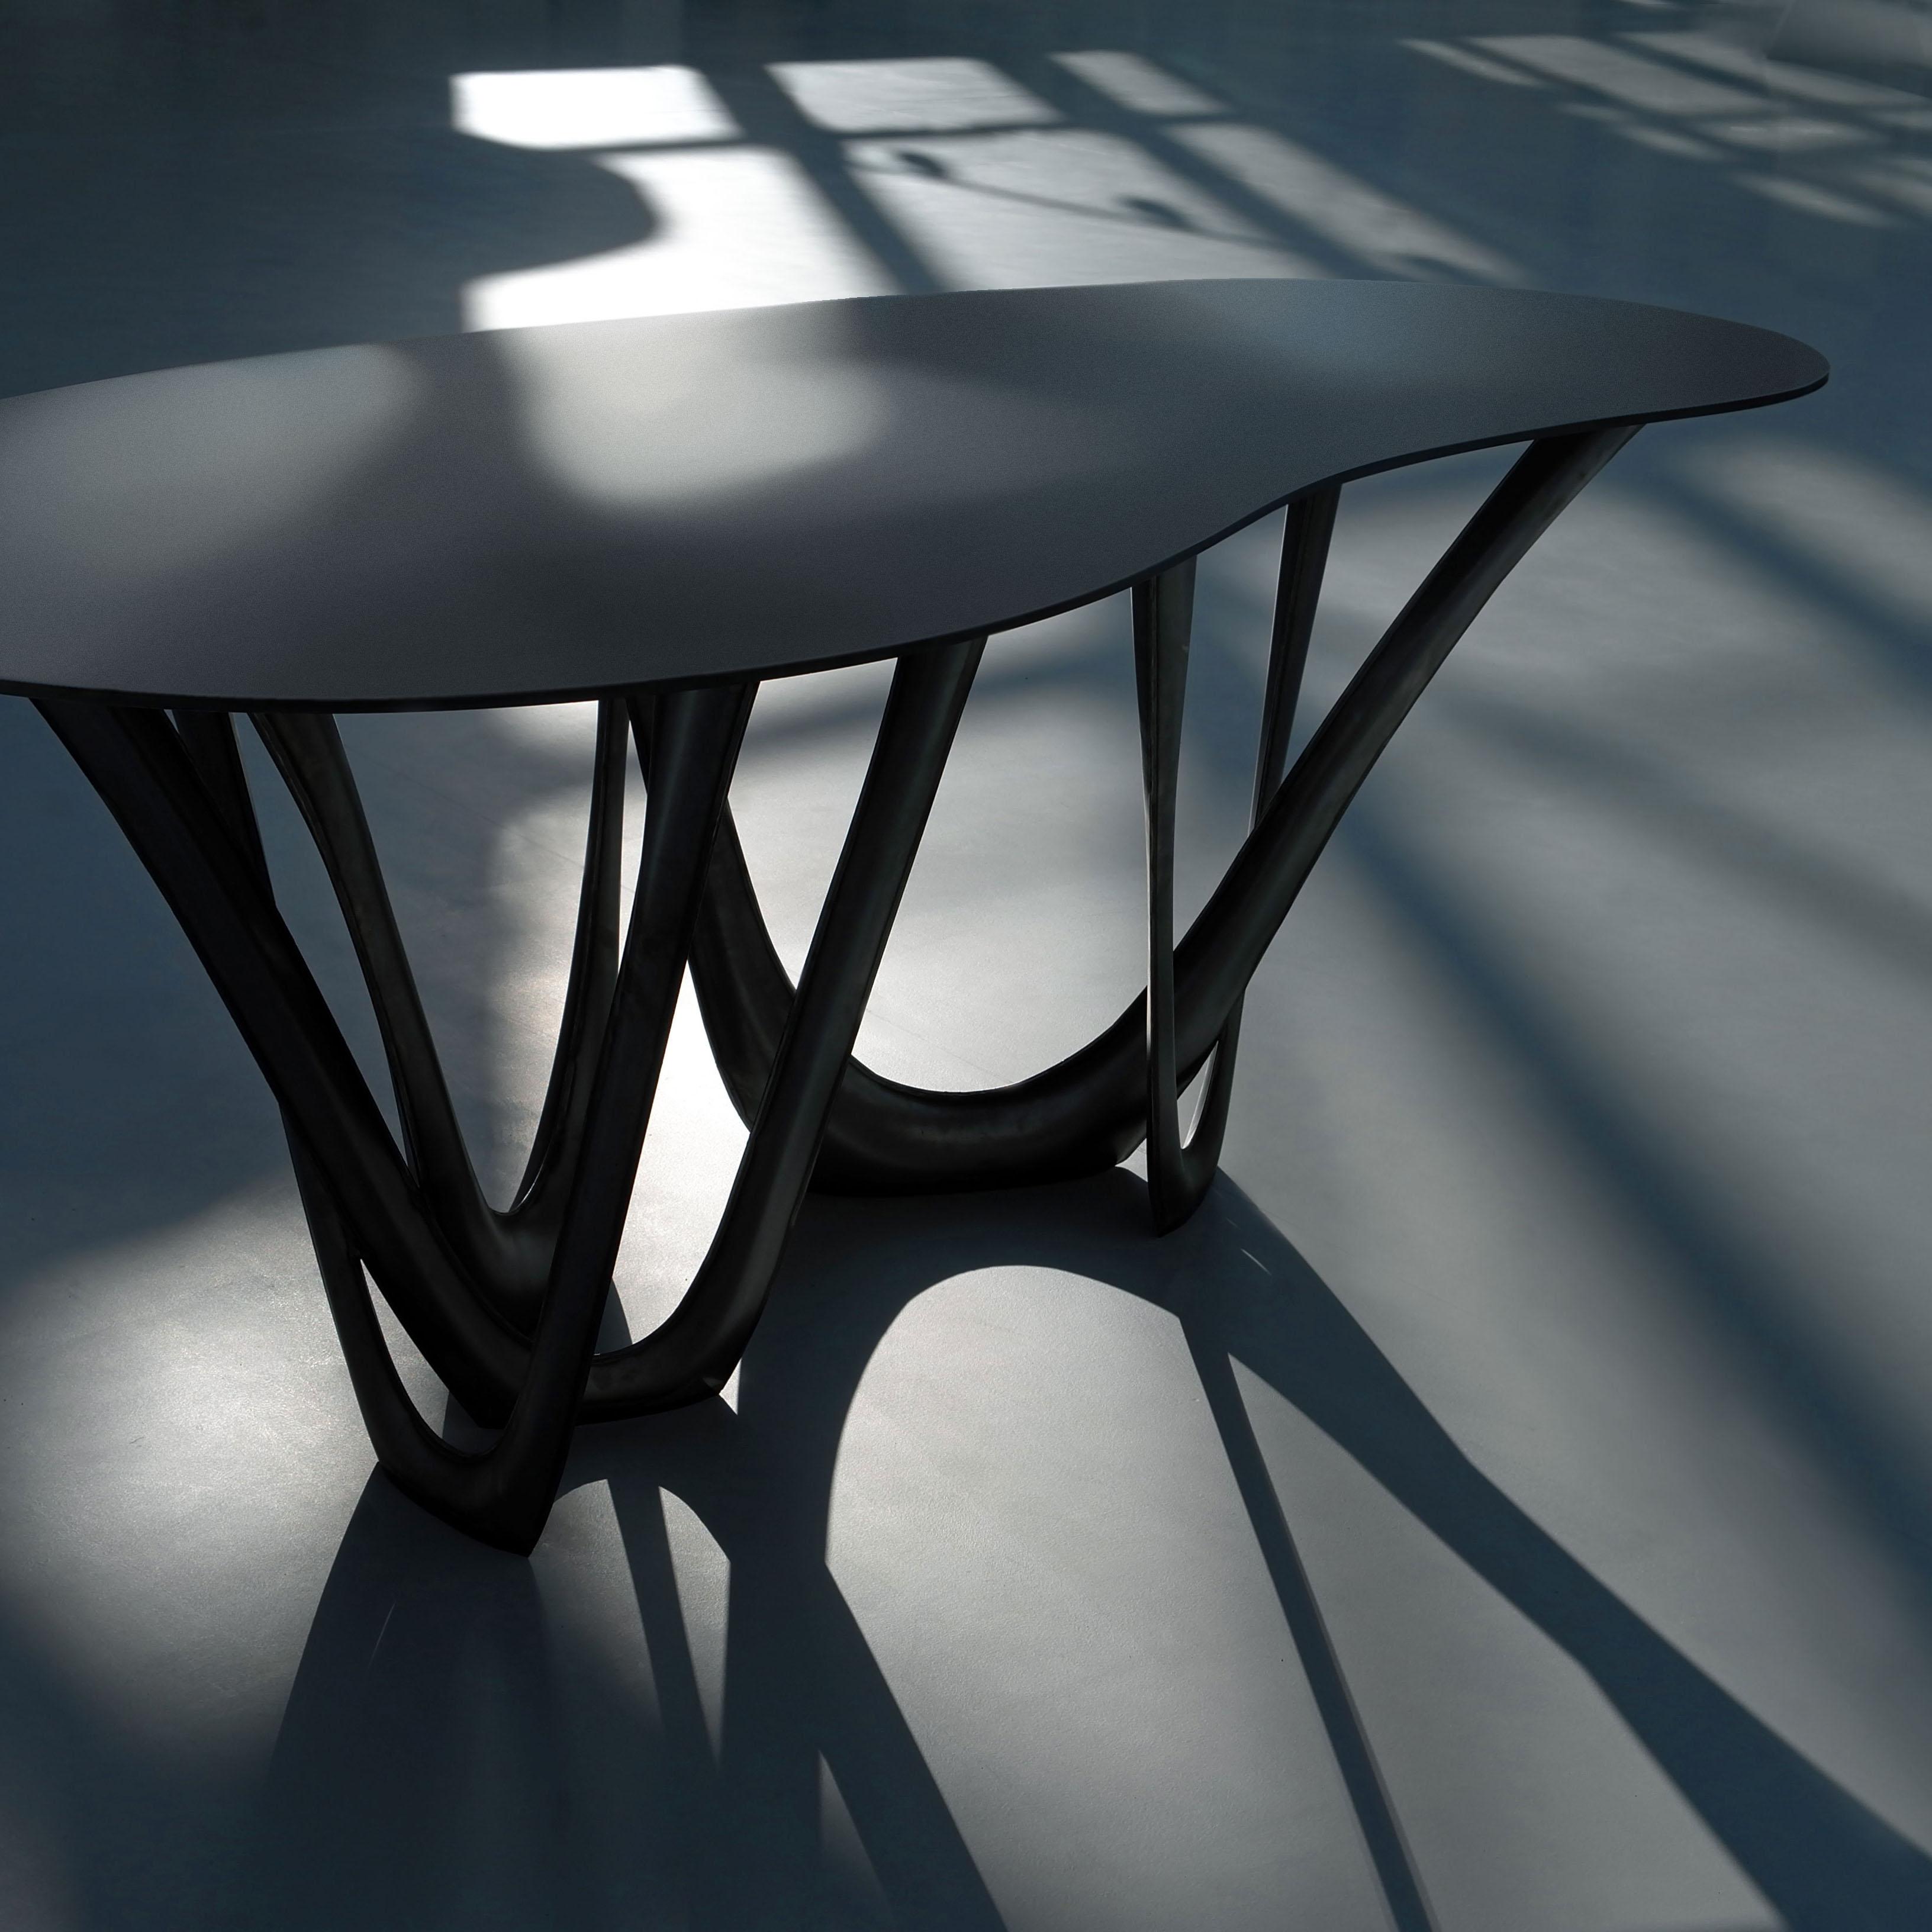 Zieta Prozessdesign Art & Design